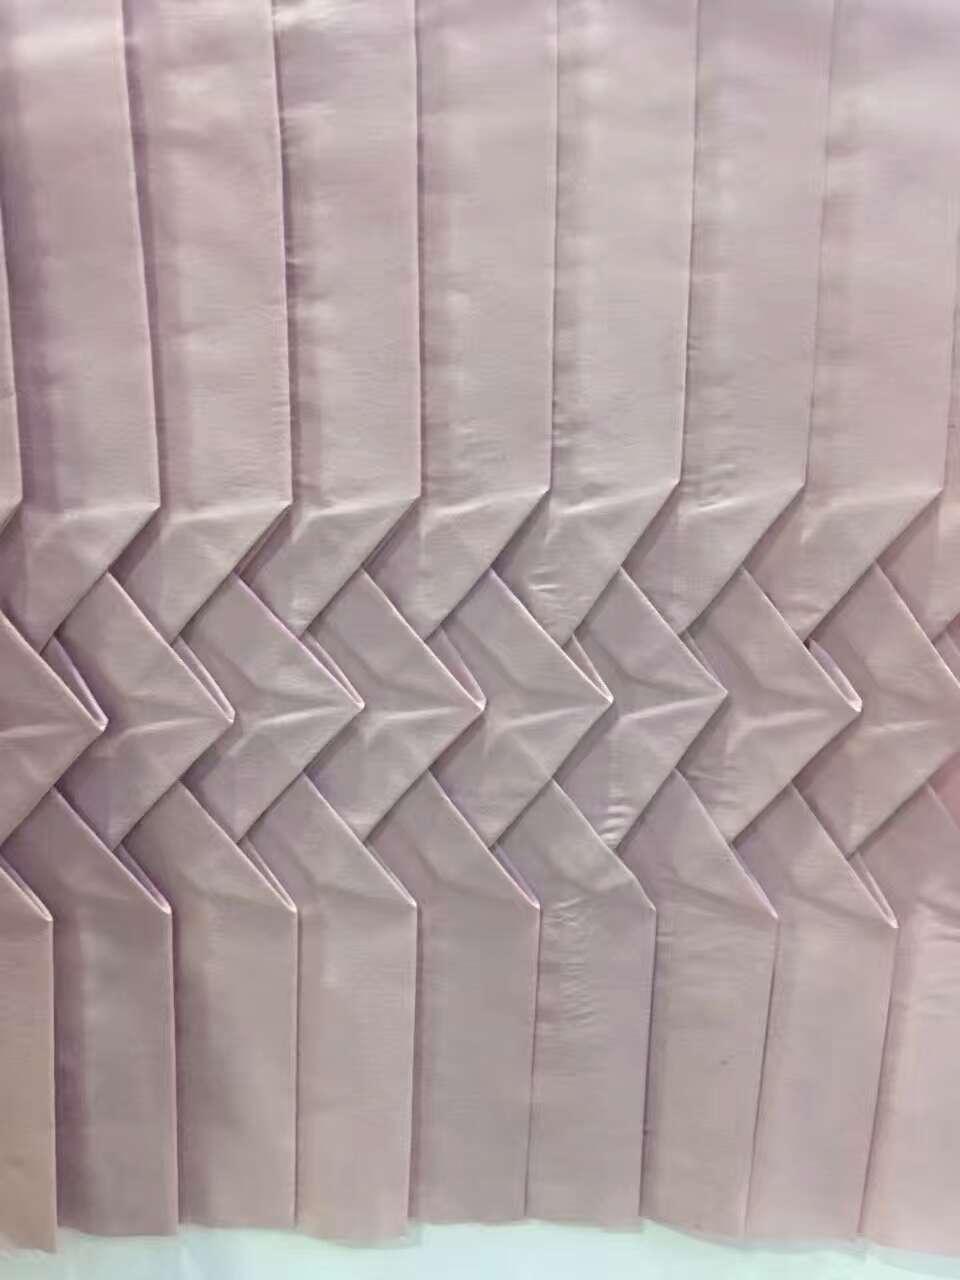 手工褶 来料定制压皱加工 雪纺  手工褶 来料定制压皱加工压褶